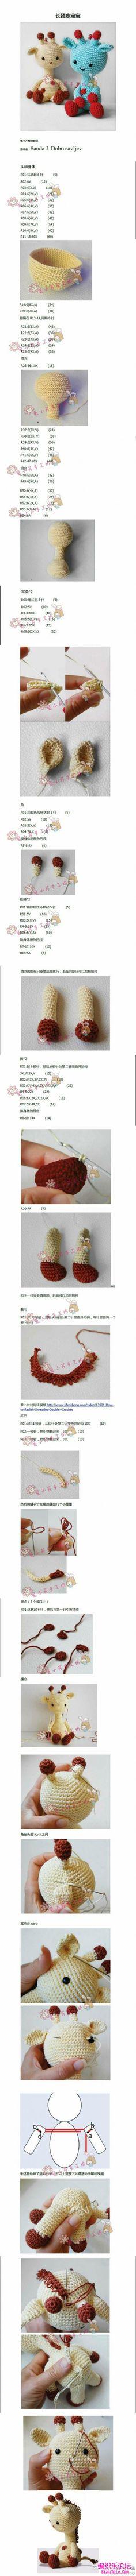 点击查看原图 Giraffe Crochet, Crochet Bookmarks, Amigurumi Doll, Crochet Dolls, Diy And Crafts, Crochet Patterns, Free, Cute Things, Creativity